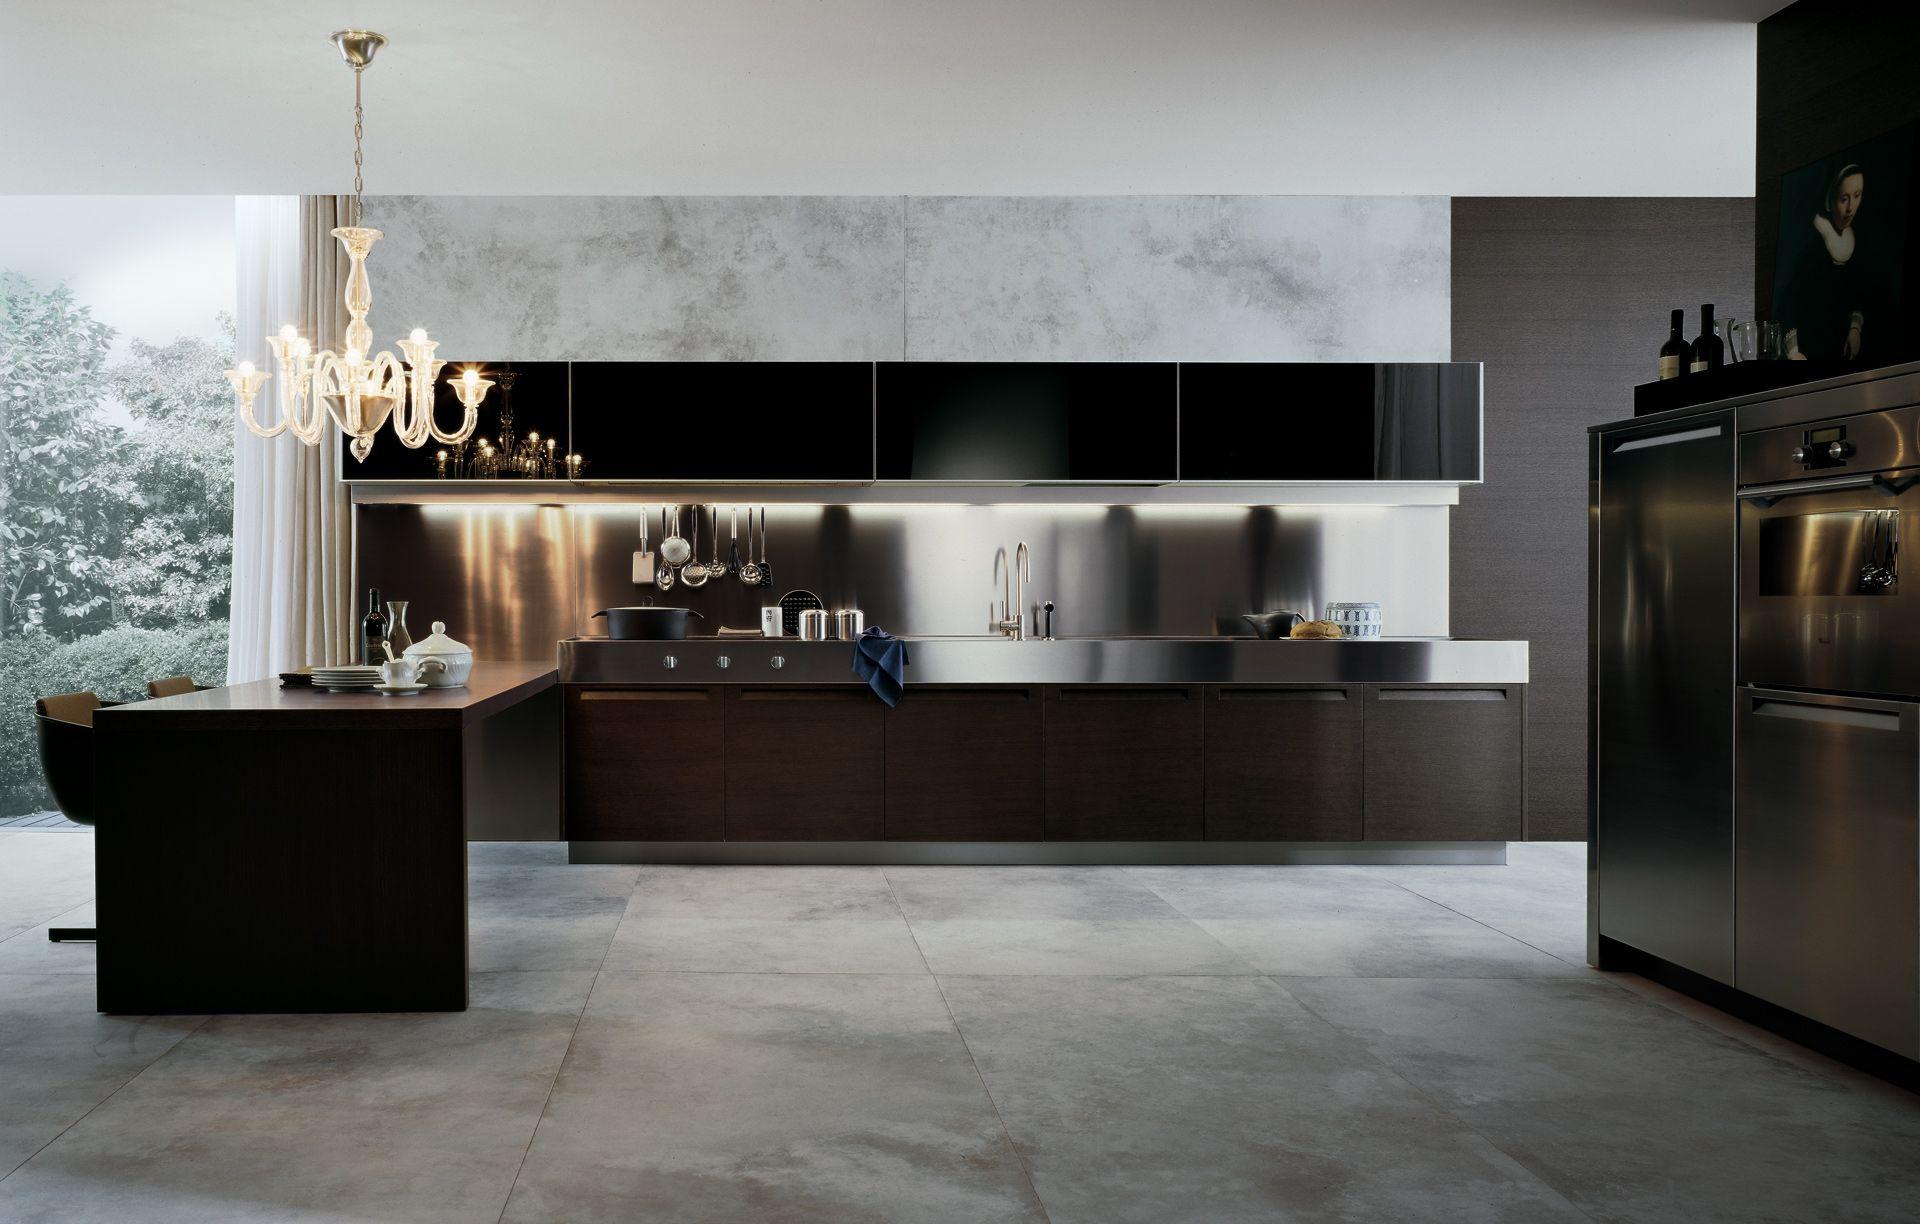 Varenna Küchen ~ Minimal kitchen cabinetry designed by poliform kitchens